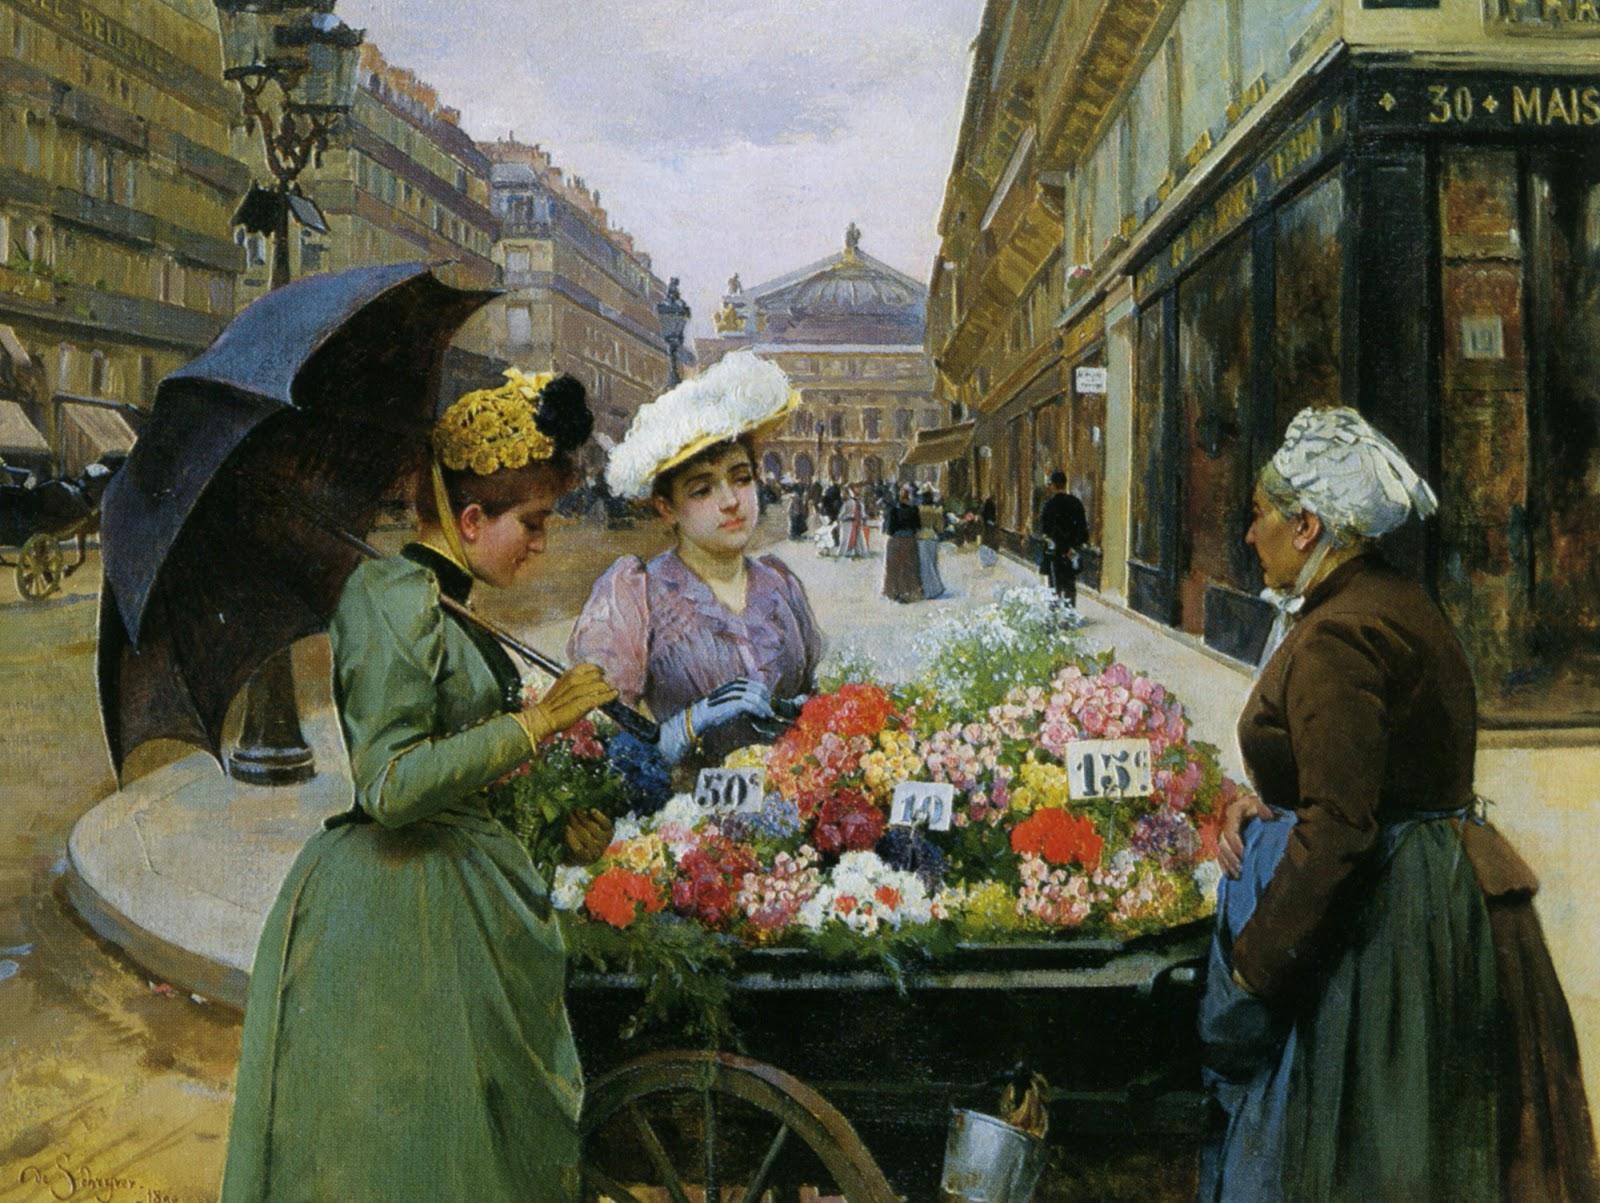 Louis de Schryver ~ A Vendedora de Flores